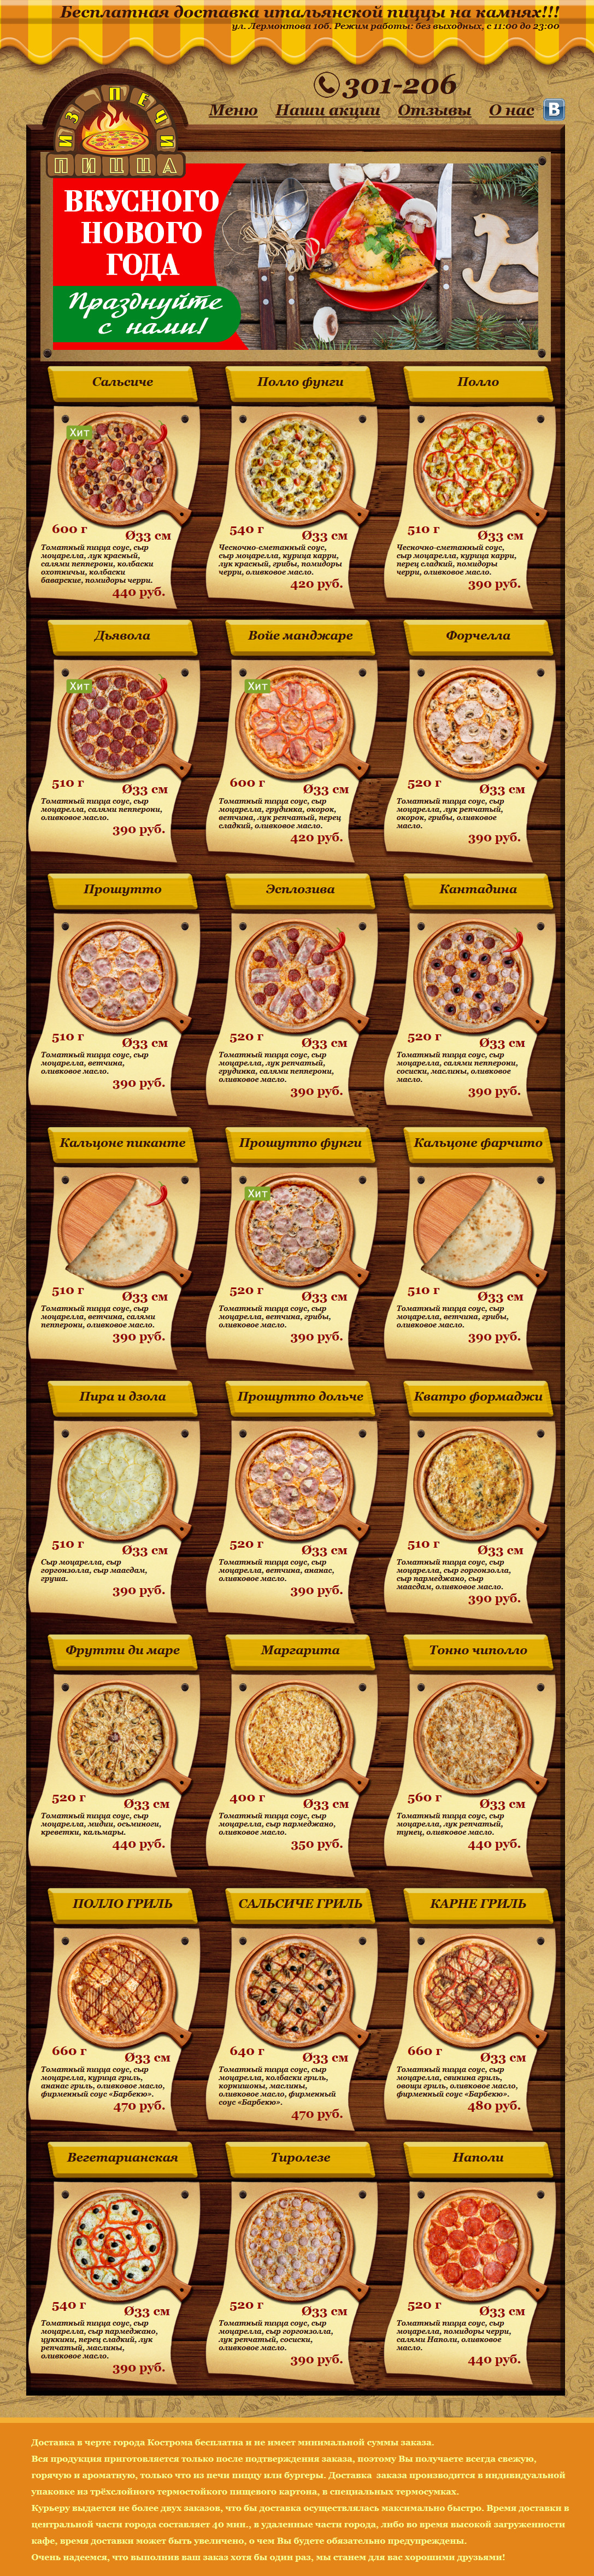 Сайт компании по доставке пиццы «Из-печи». Создание сайтов в Костроме